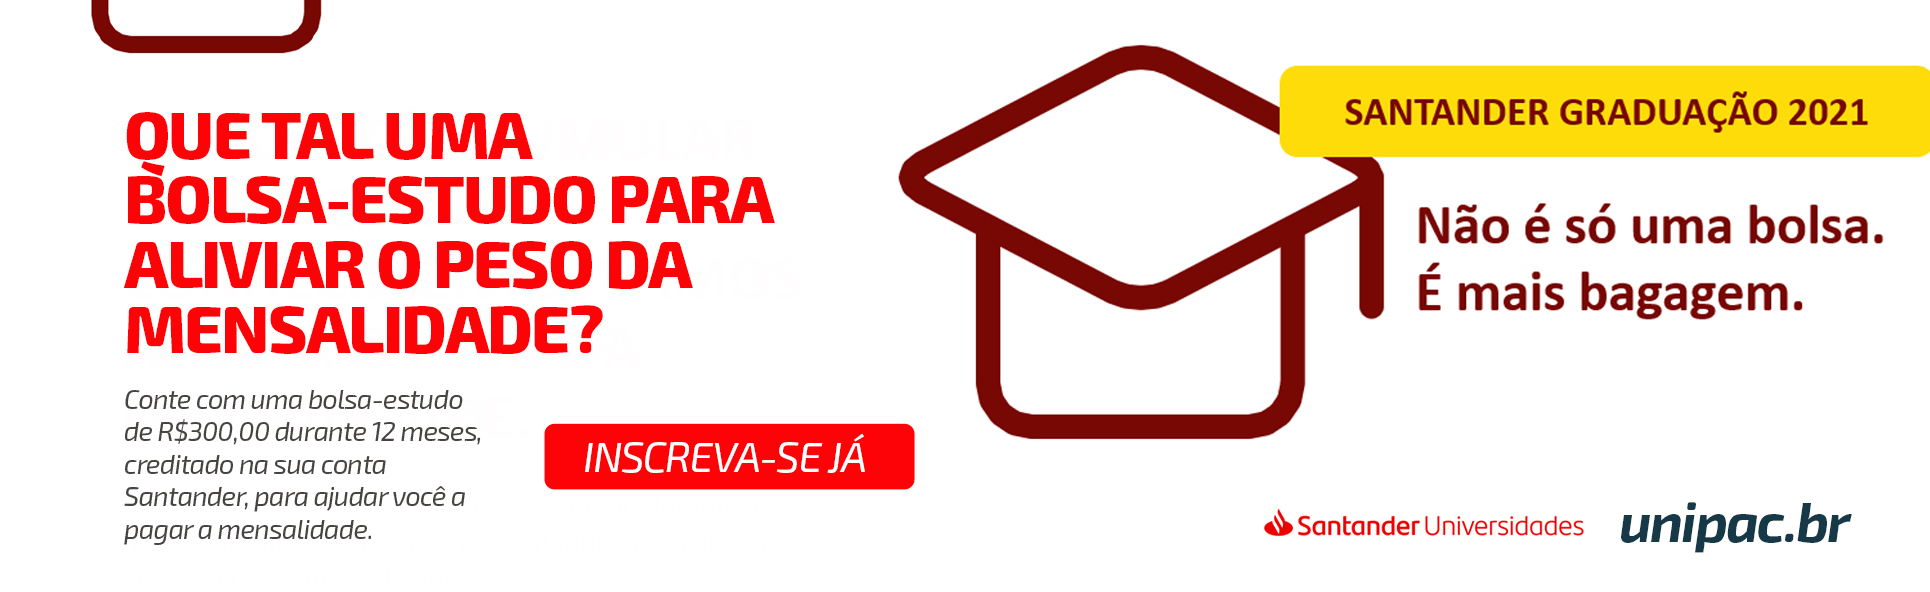 Santander Graduação Desktop – 31/03/21